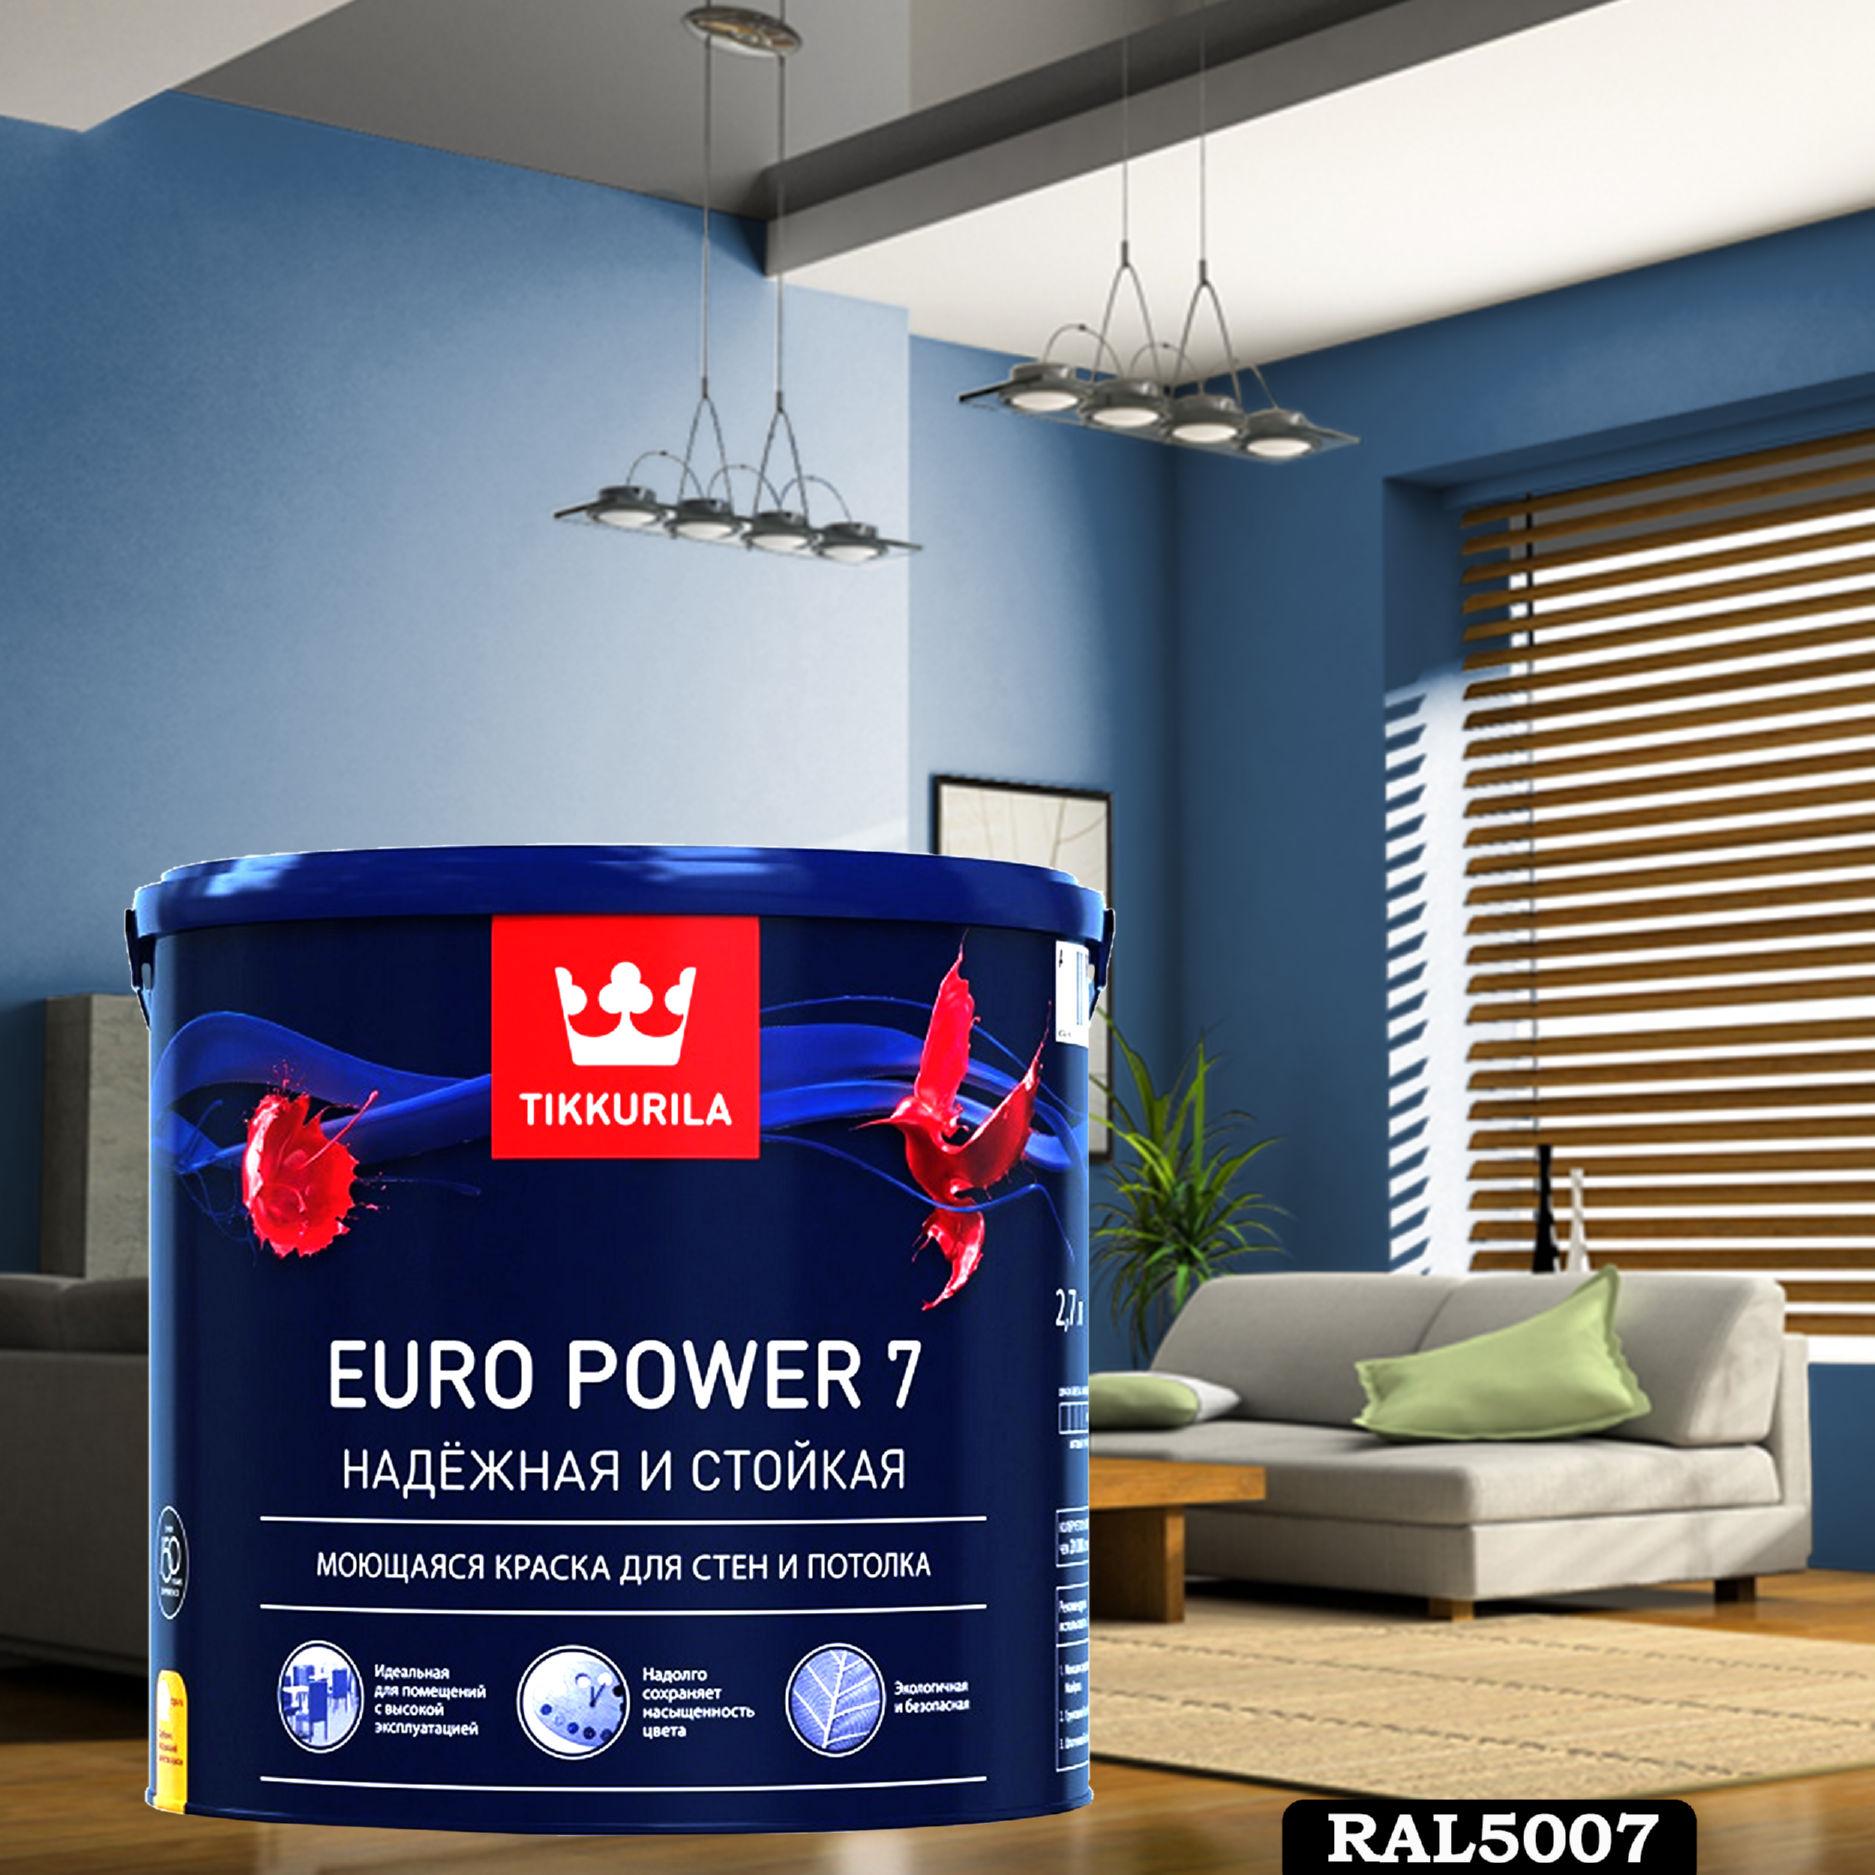 Фото 7 - Краска TIKKURILA Euro Power 7,  RAL 5007 Бриллиантово-синий, латексная моющаяся матовая интерьерная, 9 л.